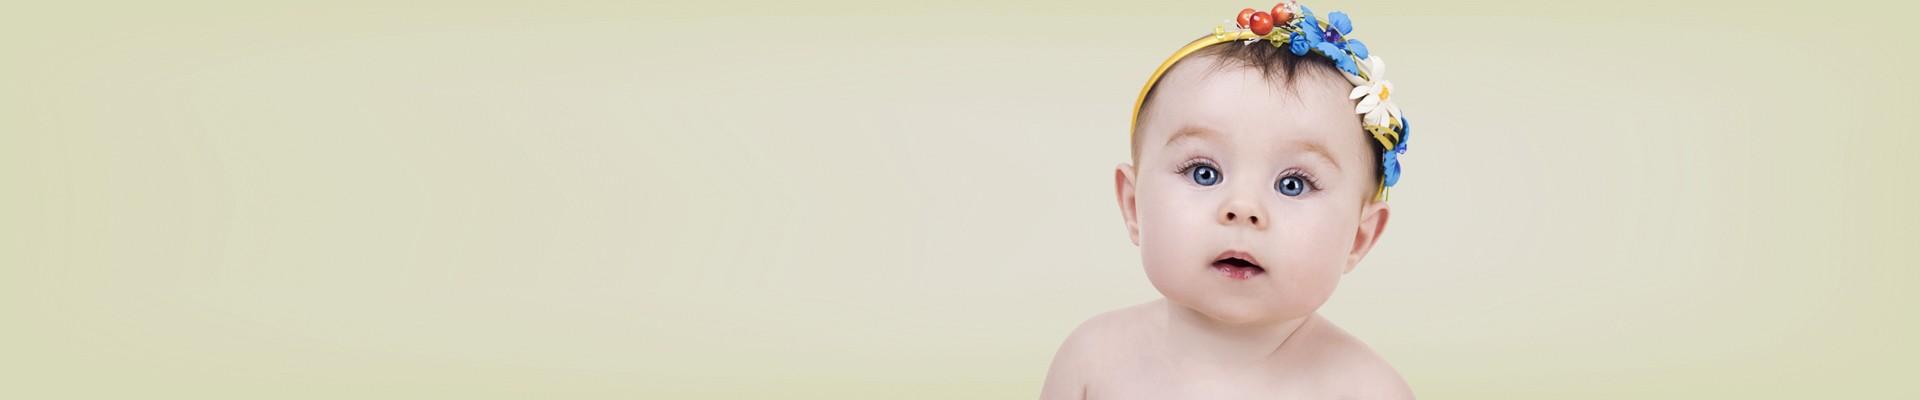 Jual Headband & Bando Bayi Terbaru & Terlengkap